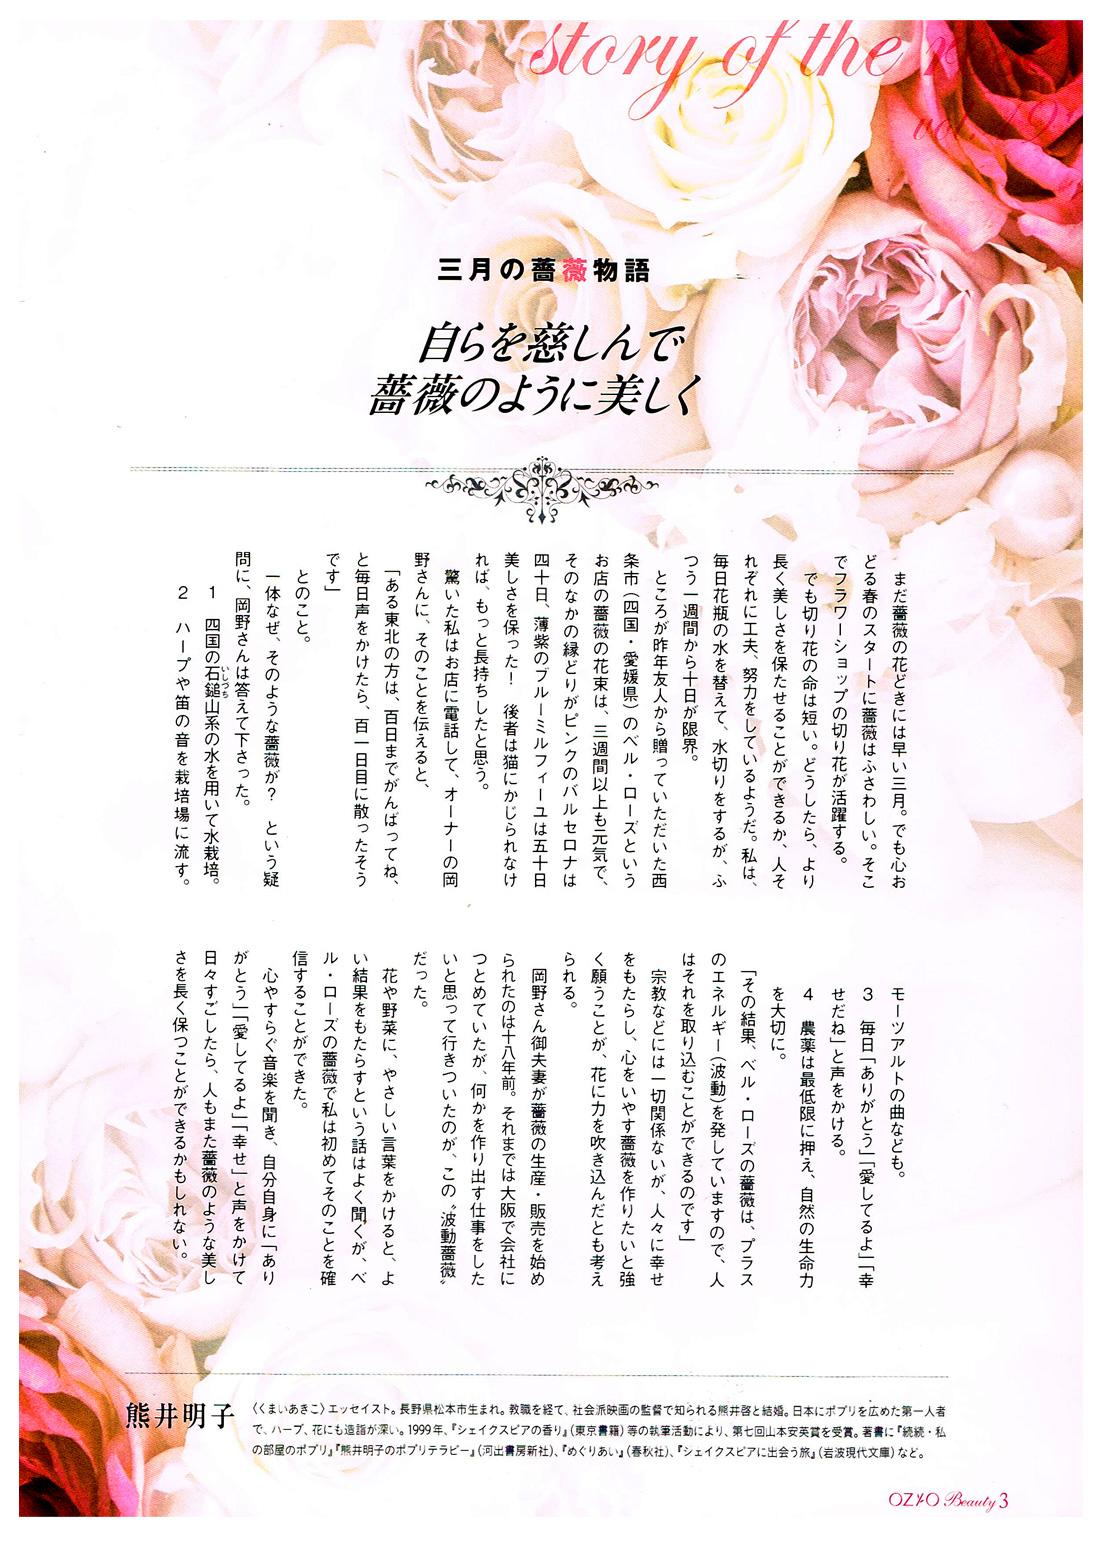 OZIOビューティ3月号に掲載された熊井明子先生のエッセイ